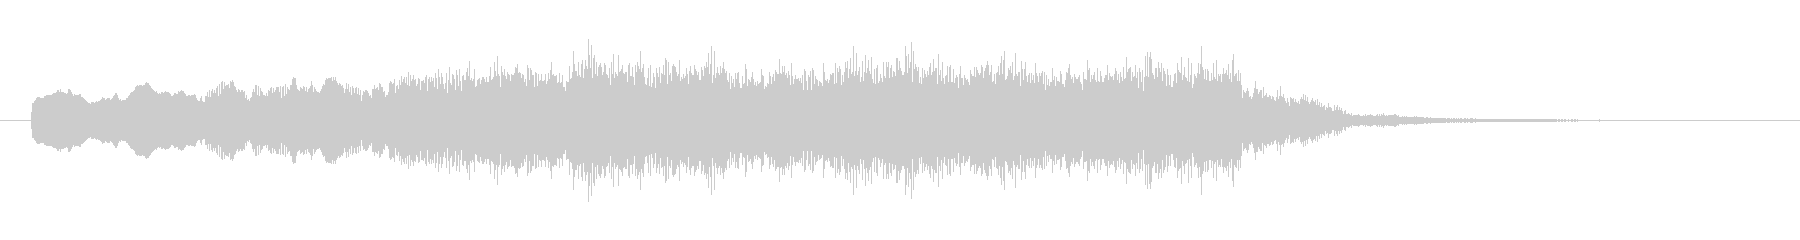 壮大なシンセサイザーコーラスのSE04の未再生の波形